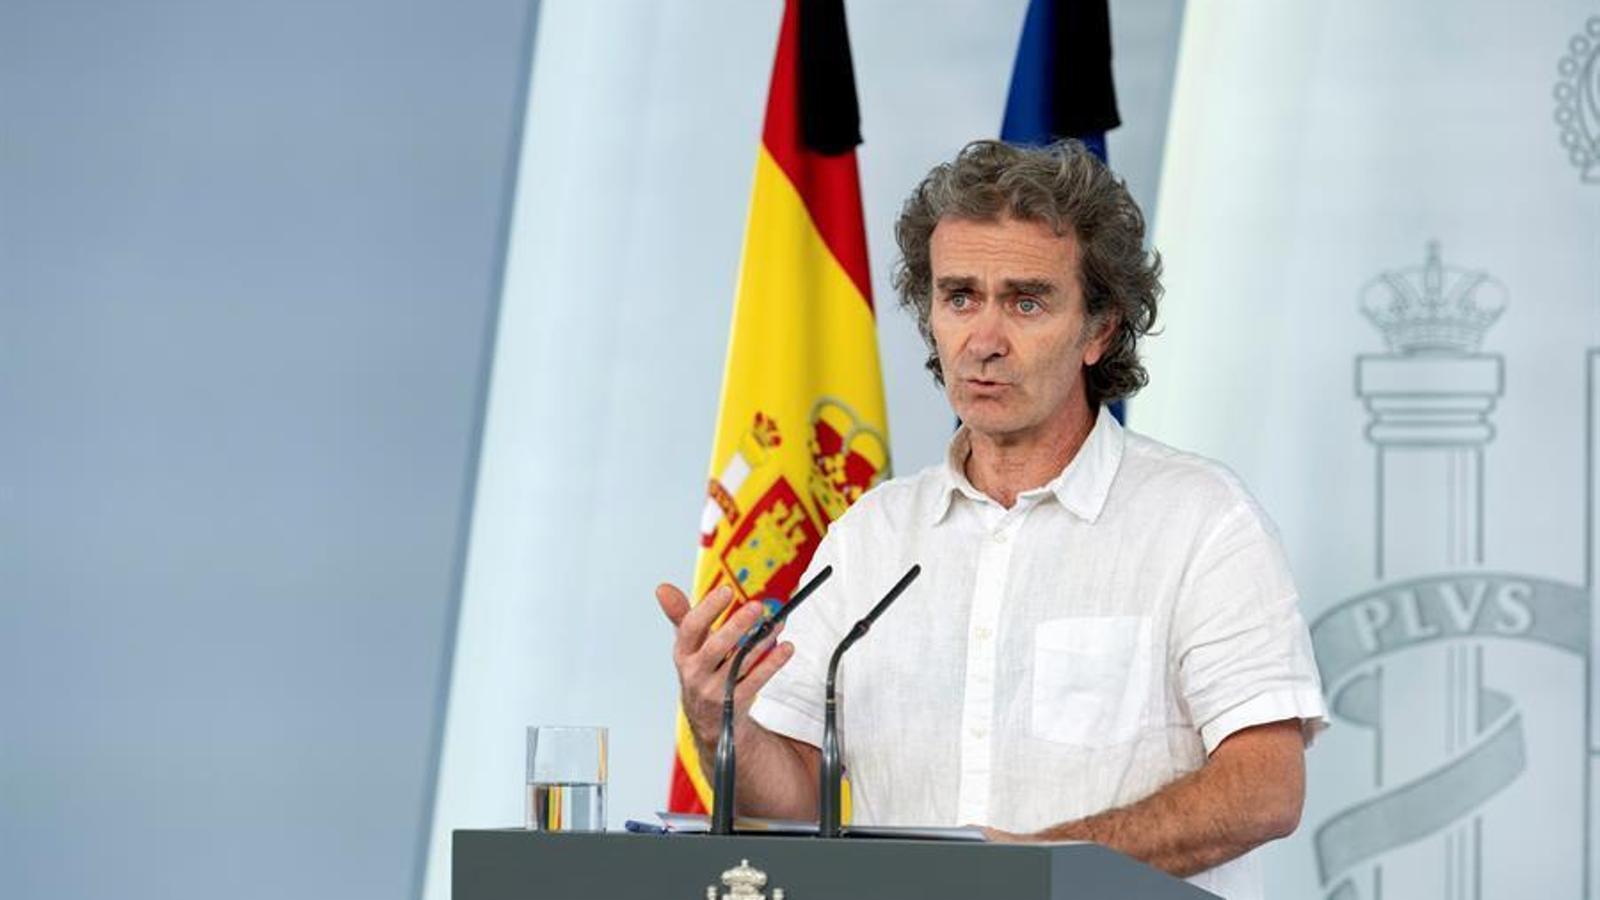 Roda de premsa del director del Centre de Coordinació d'Alertes i Emergències Sanitàries, Fernando Simon